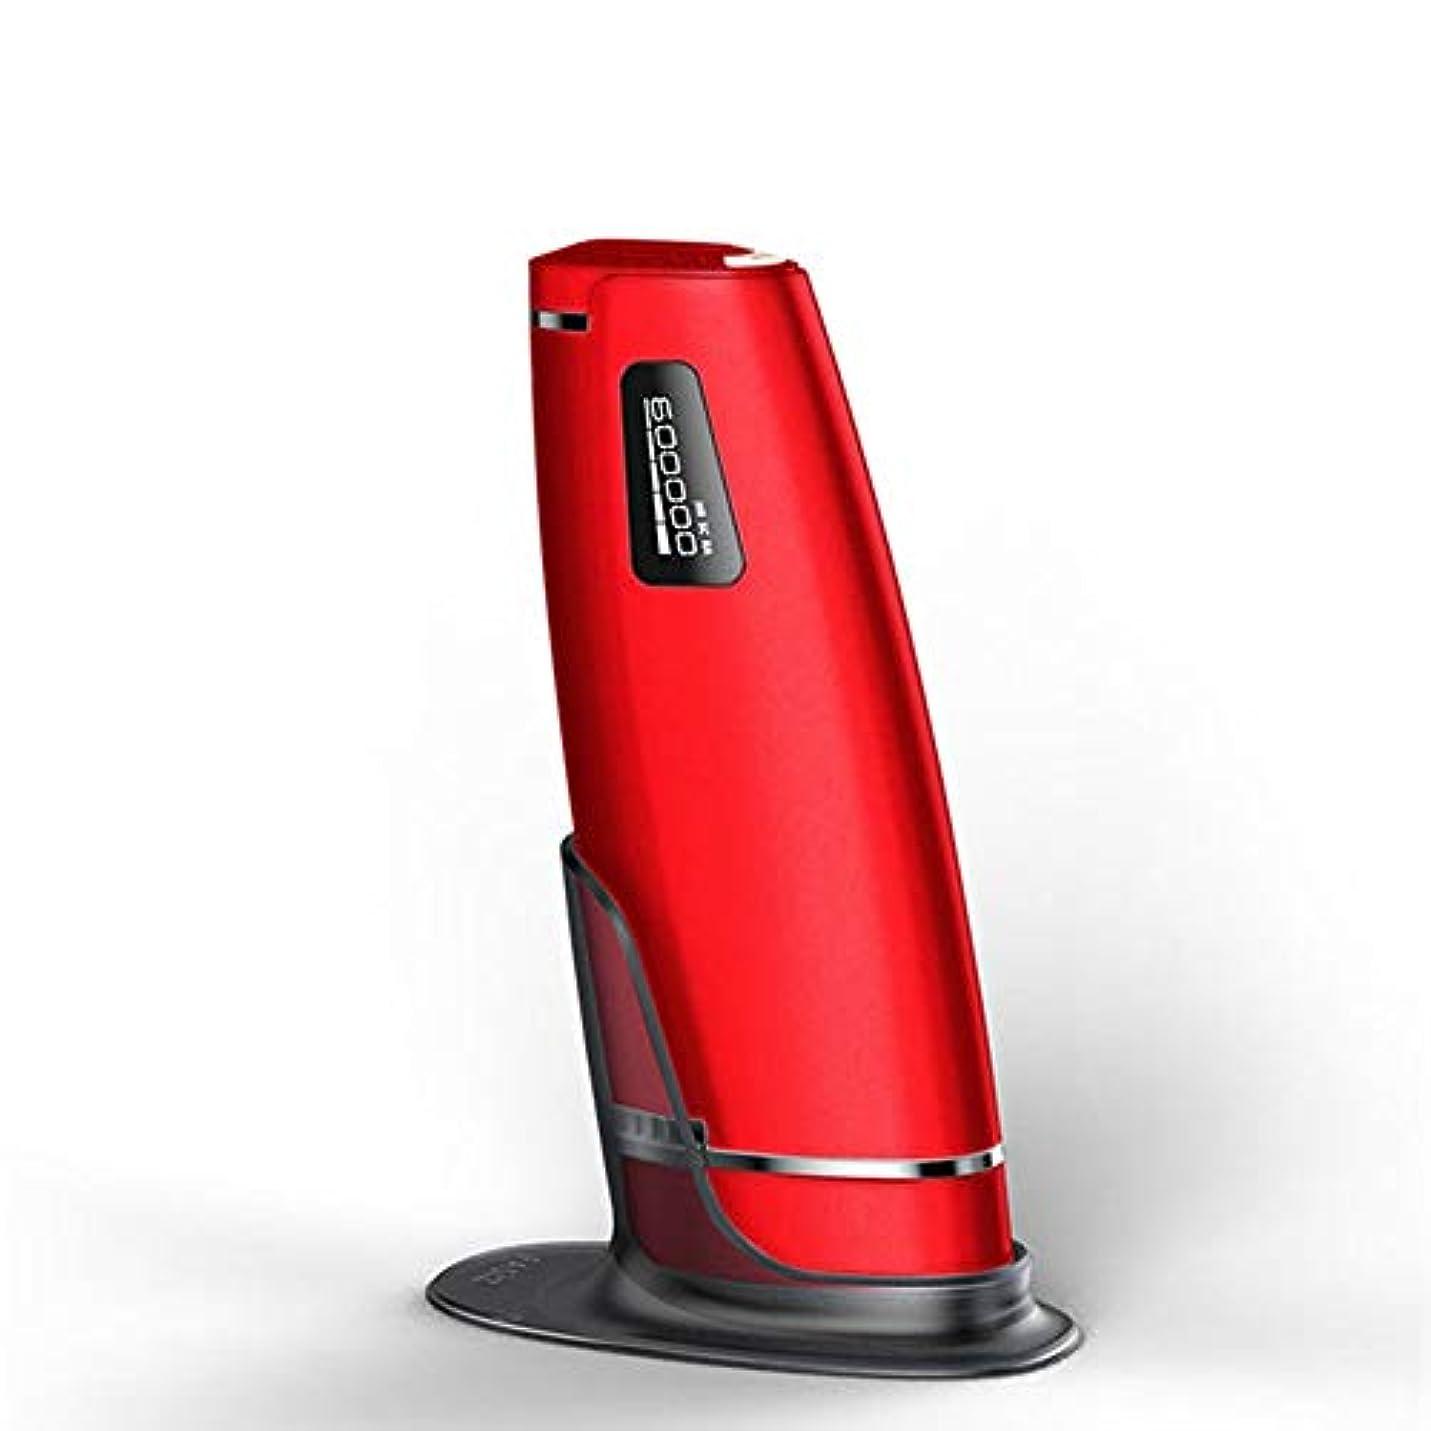 グリーンランド安全でないもっともらしいNuanxin 赤、デュアルモード、ホームオートマチック無痛脱毛剤、携帯用永久脱毛剤、5スピード調整、サイズ20.5 X 4.5 X 7 Cm F30 (Color : Red)